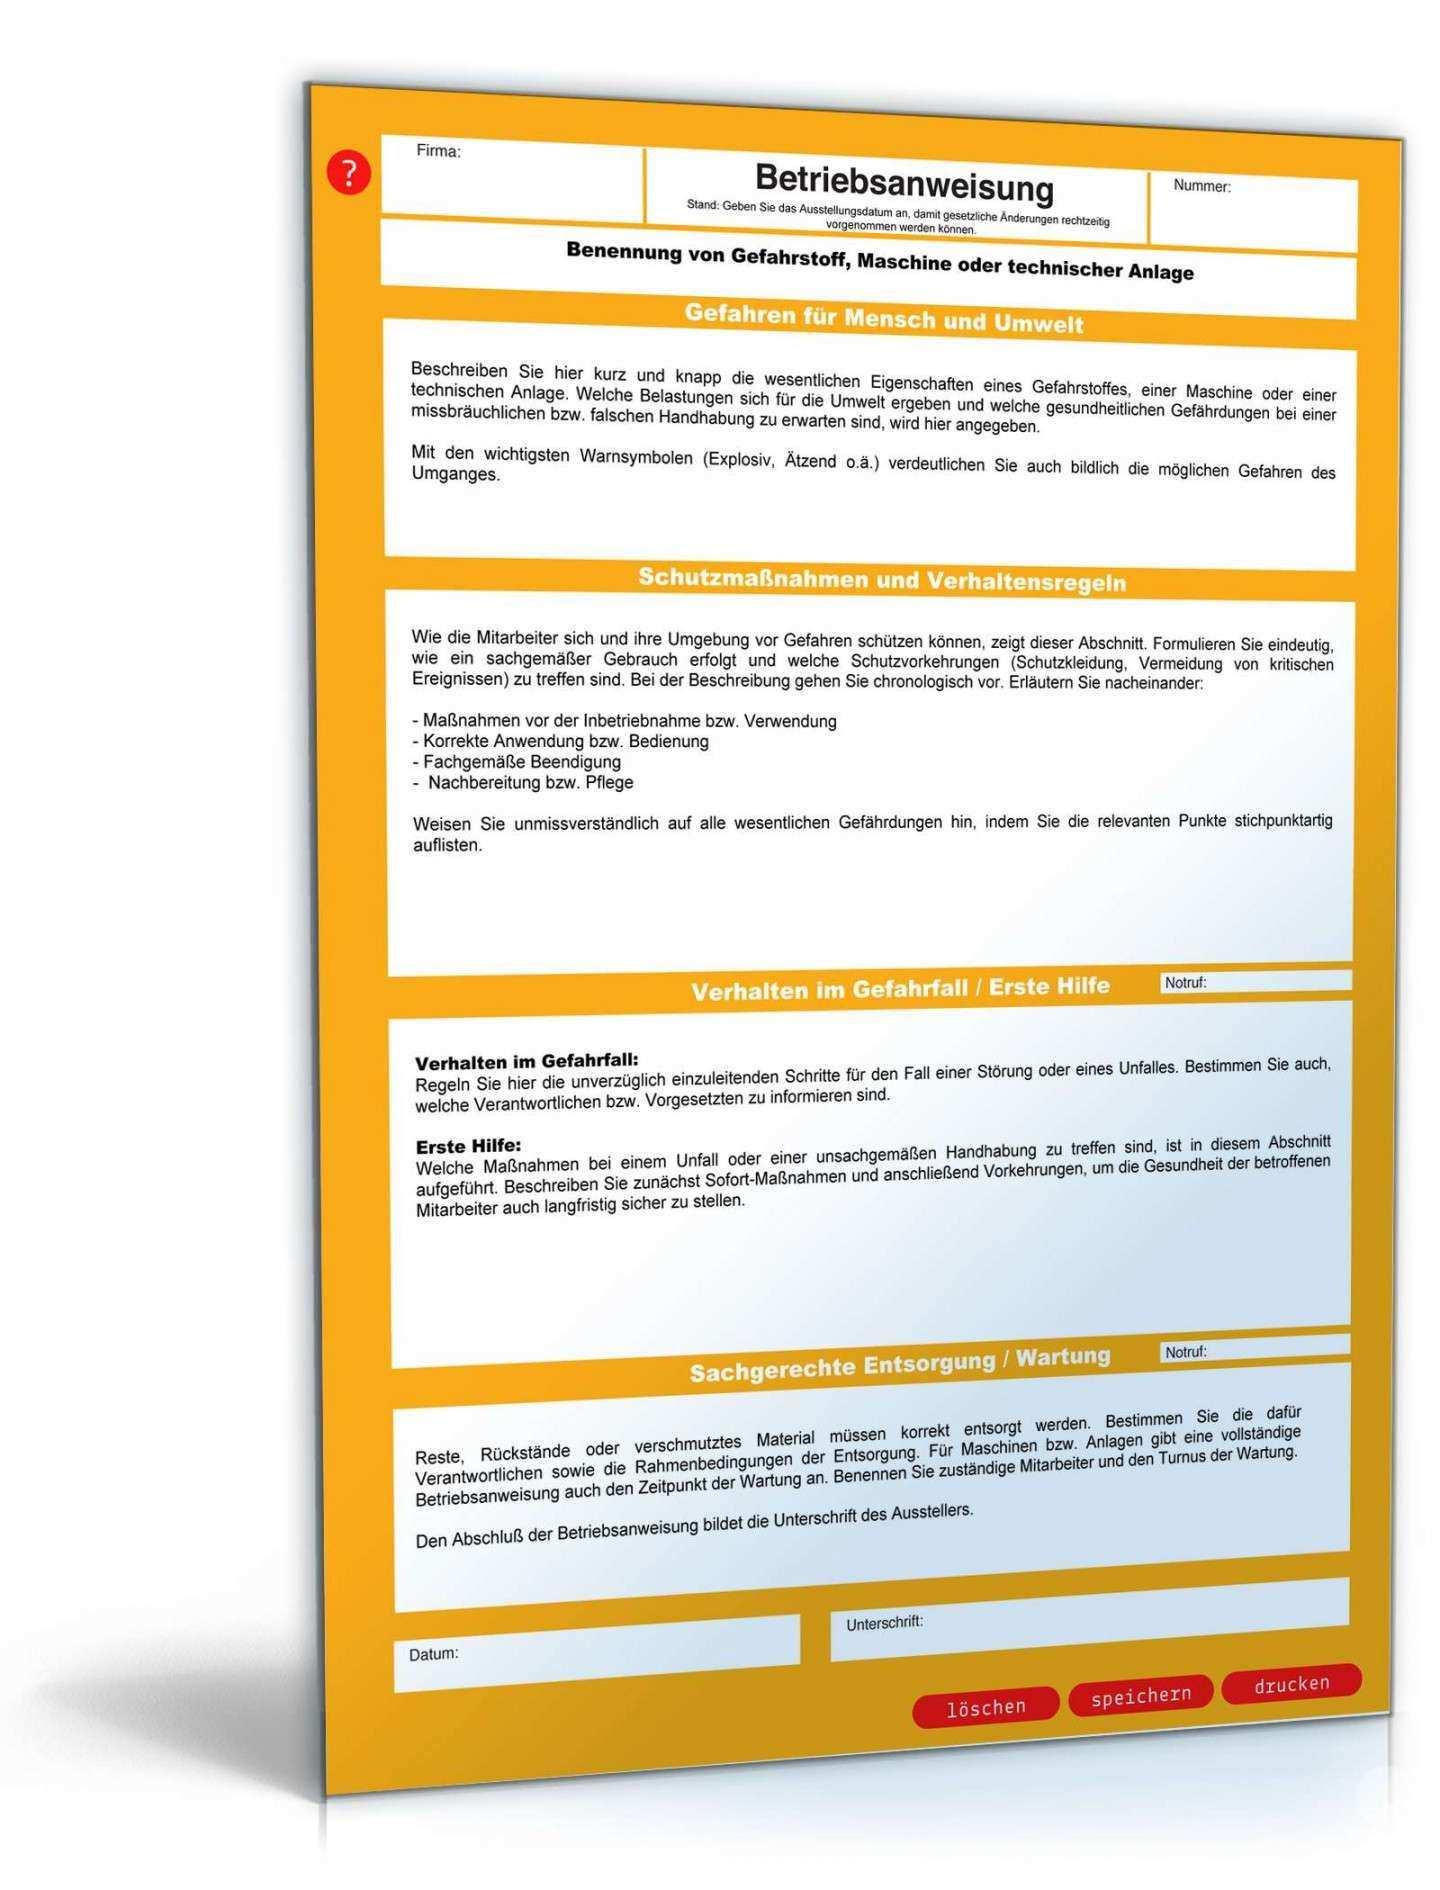 Lovable Unterweisungsnachweis Vorlage Word Betriebsanweisung Unterweisung Vorlagen Word